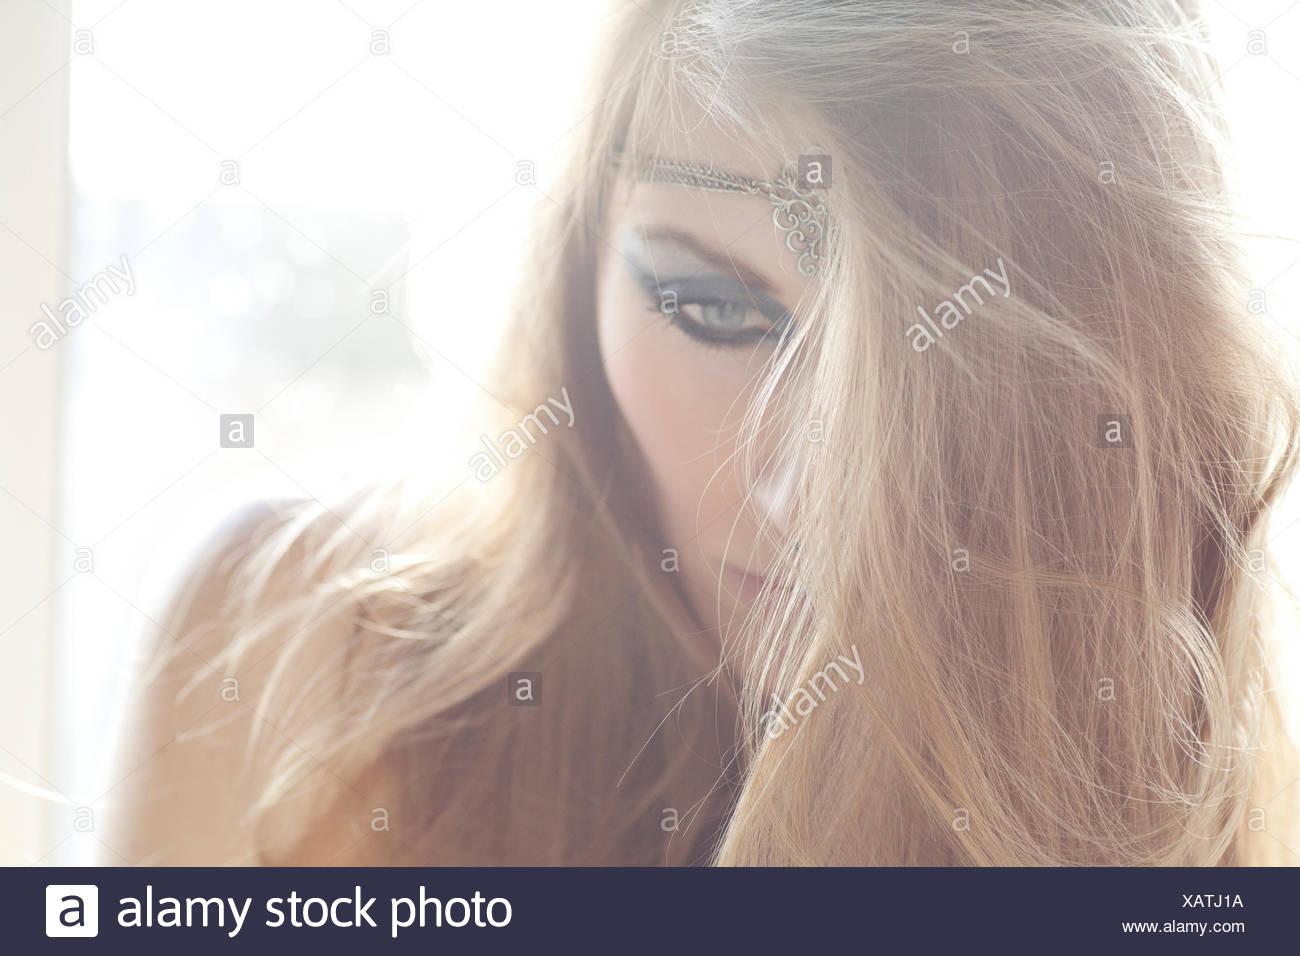 Retrato de una mujer joven, abatido mira Imagen De Stock